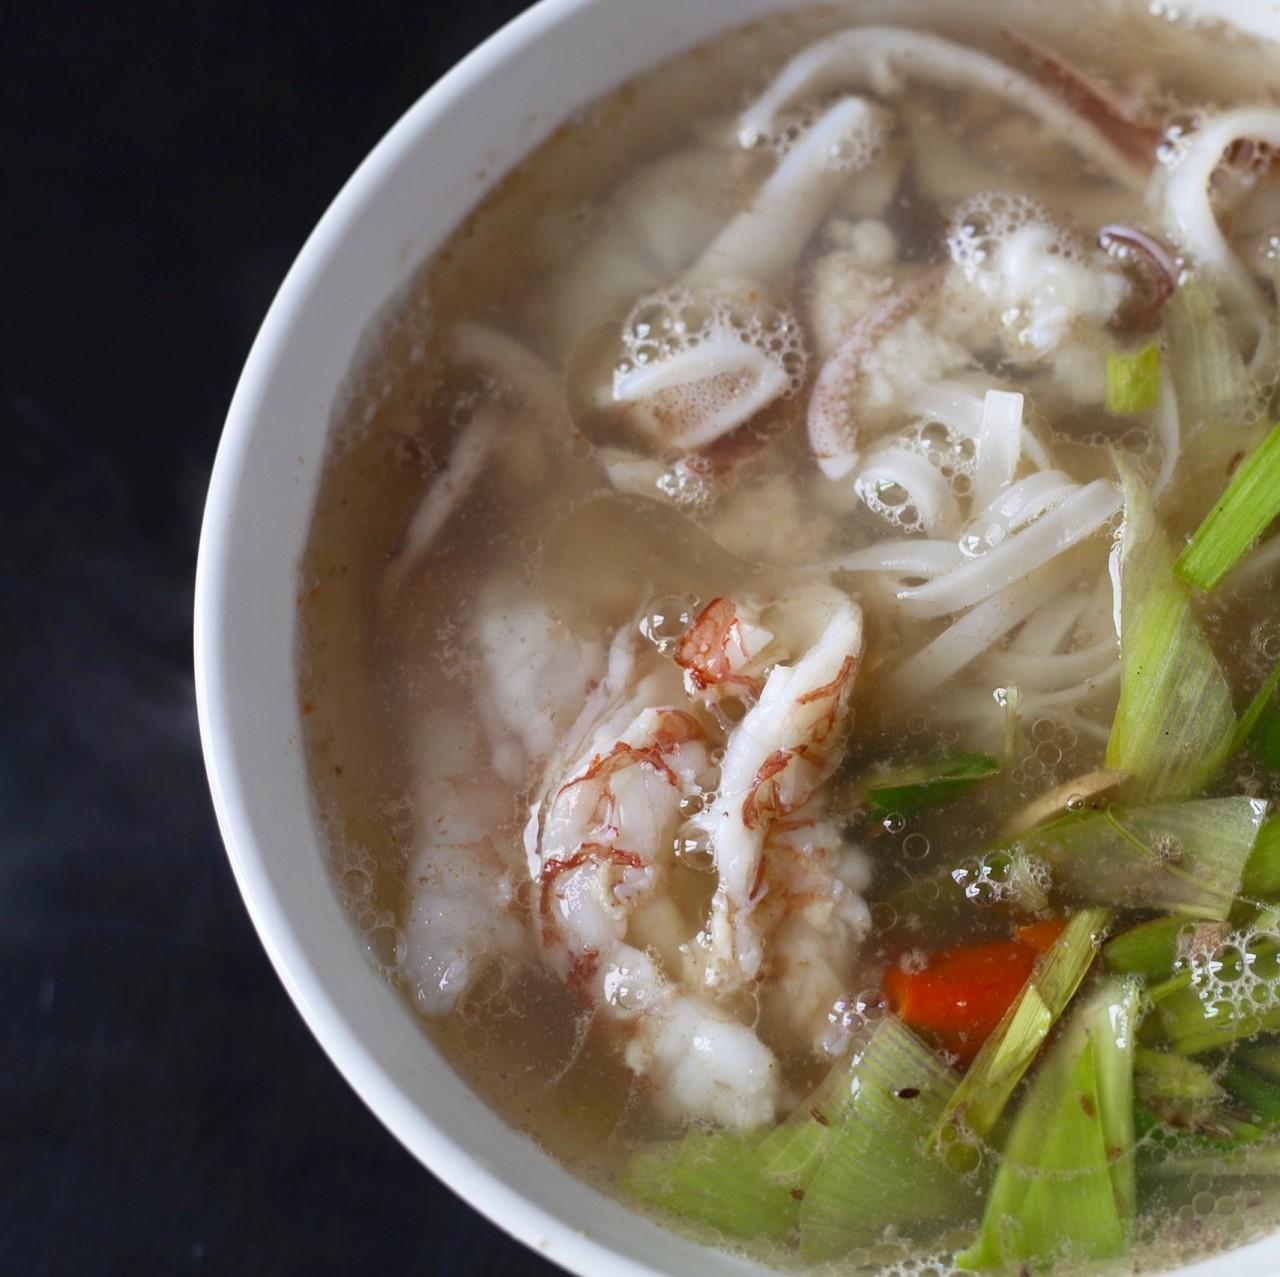 offerte regalo lezioni di cucina 2018/2019 - 2 lezioni di cucina cinese